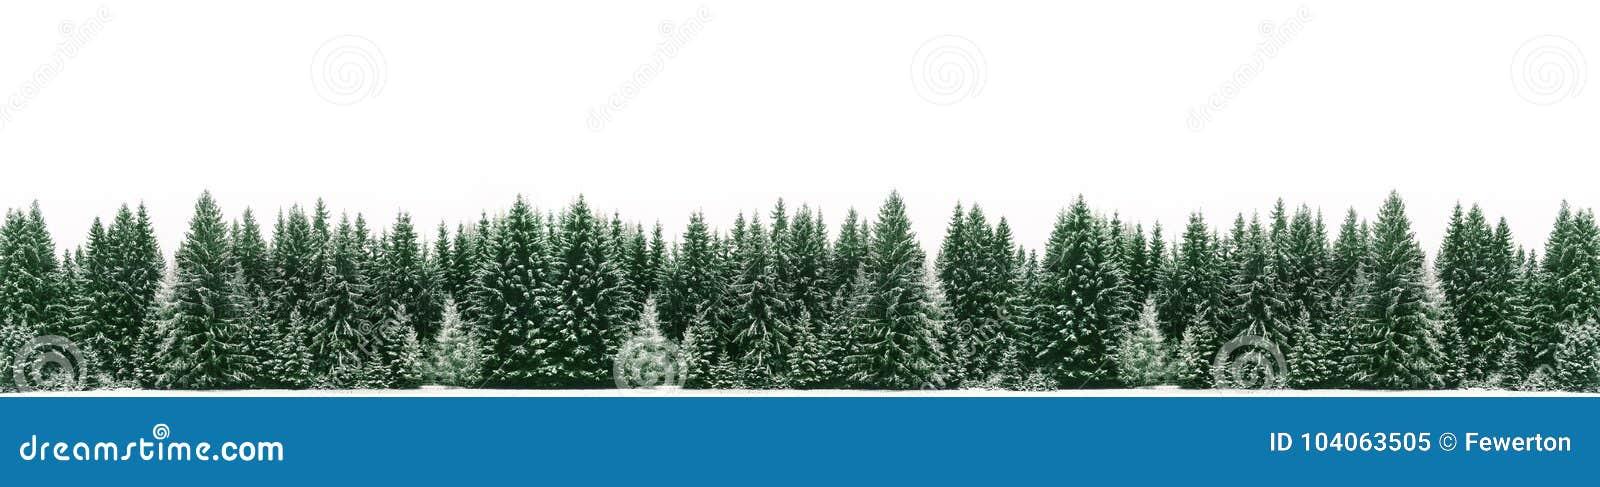 Panorama da floresta spruce da árvore coberta pela neve fresca durante o tempo do Natal do inverno